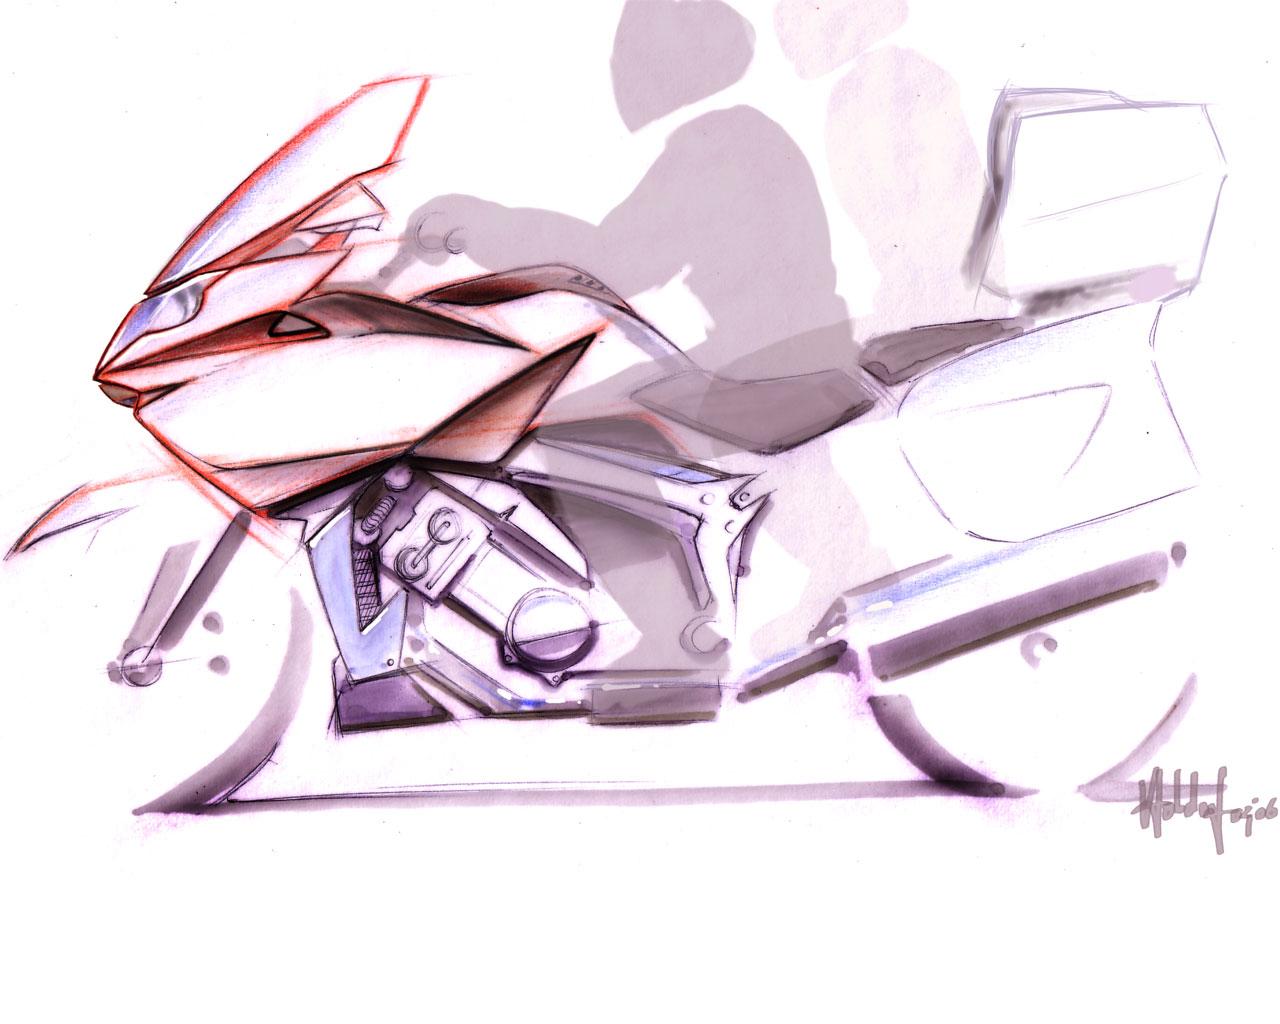 K1600GTL Sketch 1280x1024